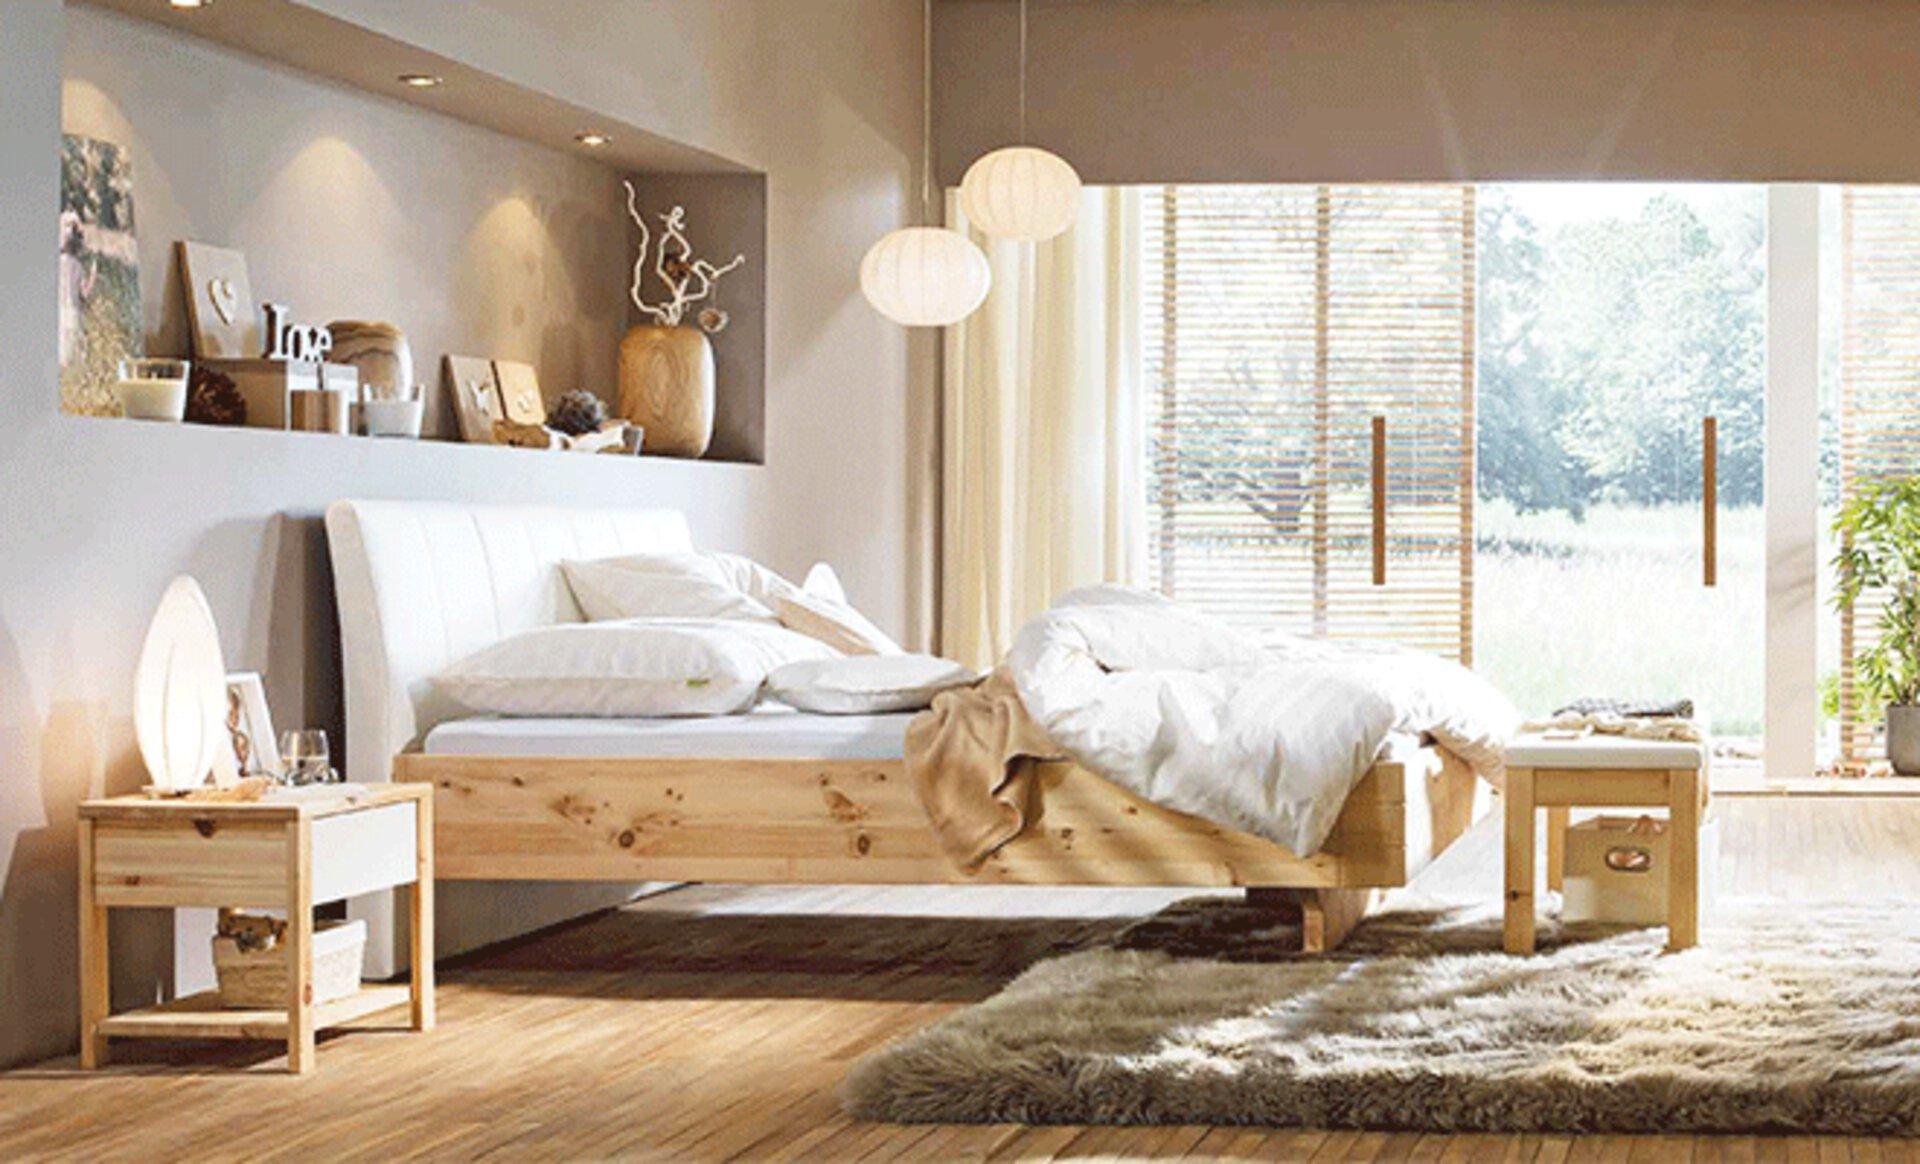 Schlafzimmerausschnitt im Landhausstil mit Bett und Schränken aus naturbelassenem Holz. Die Wand ist in warmem Beige gestrichen und auf dem Boden liegt ein flauschiger Hochflorteppich in dunklerem Beige.